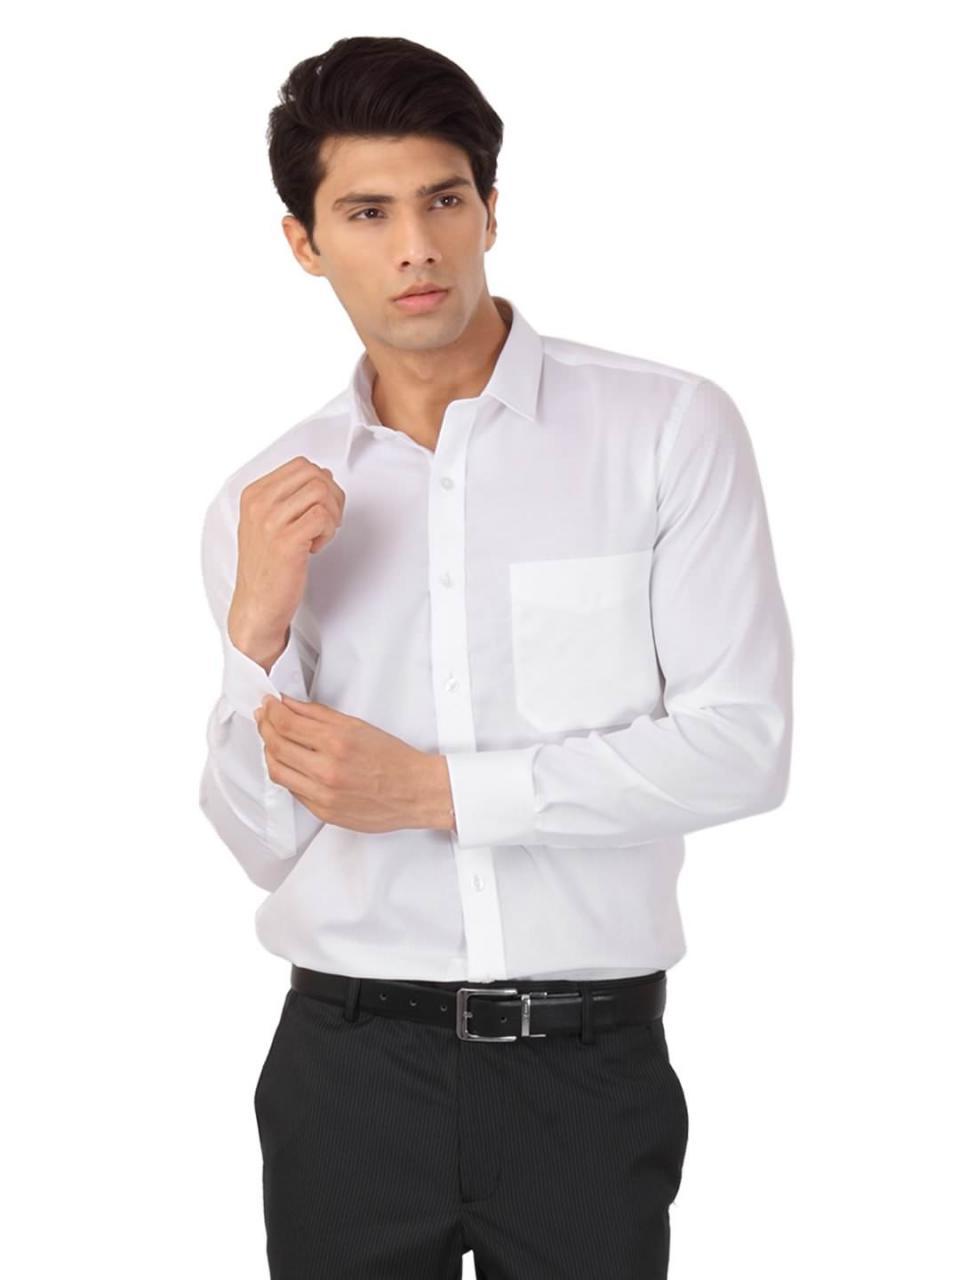 صورة تفسير القميص الابيض , الخير كل الخير فى الابيض